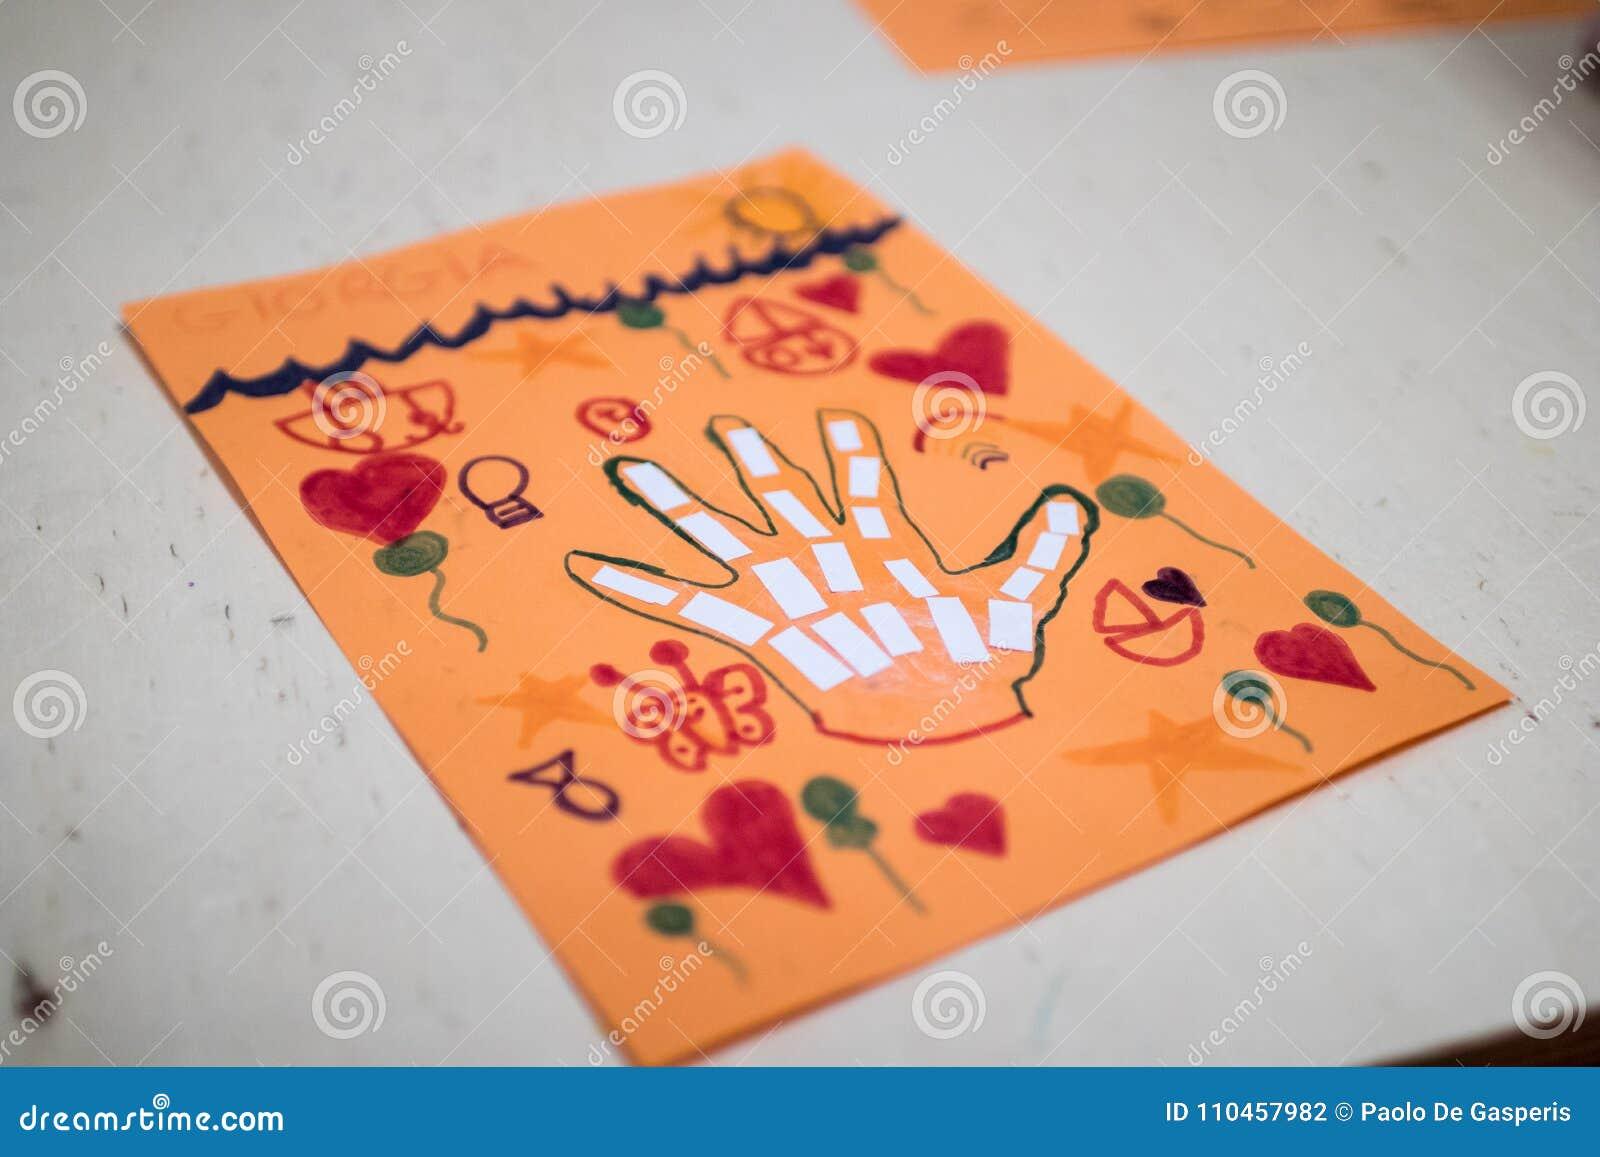 Vetenskaplig aktivitet för barn, teckning och collage av bonen